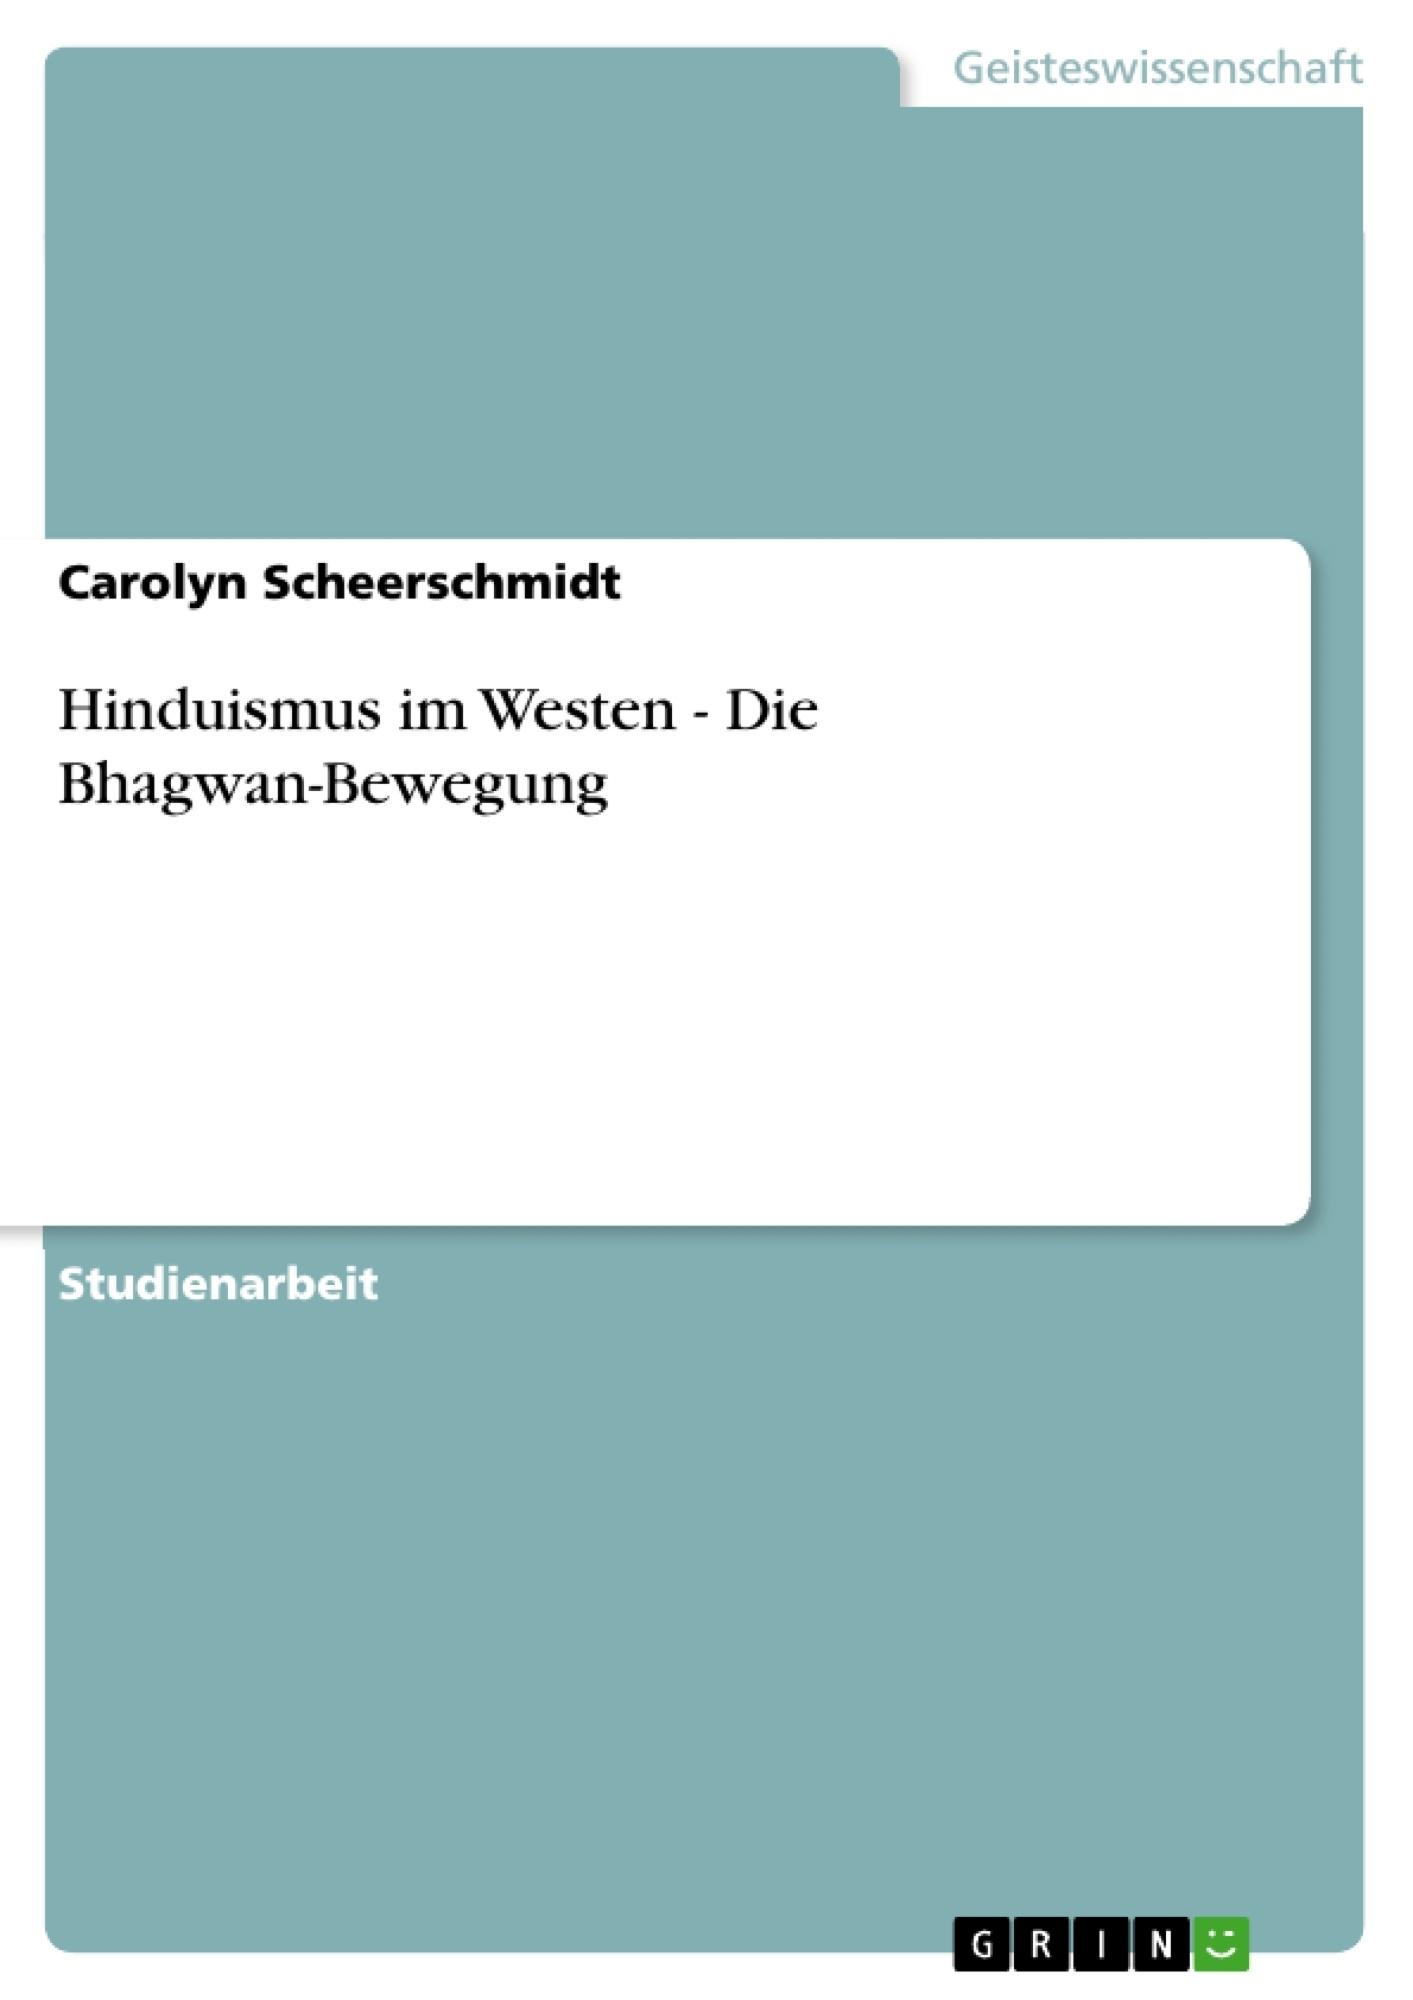 Titel: Hinduismus im Westen - Die Bhagwan-Bewegung